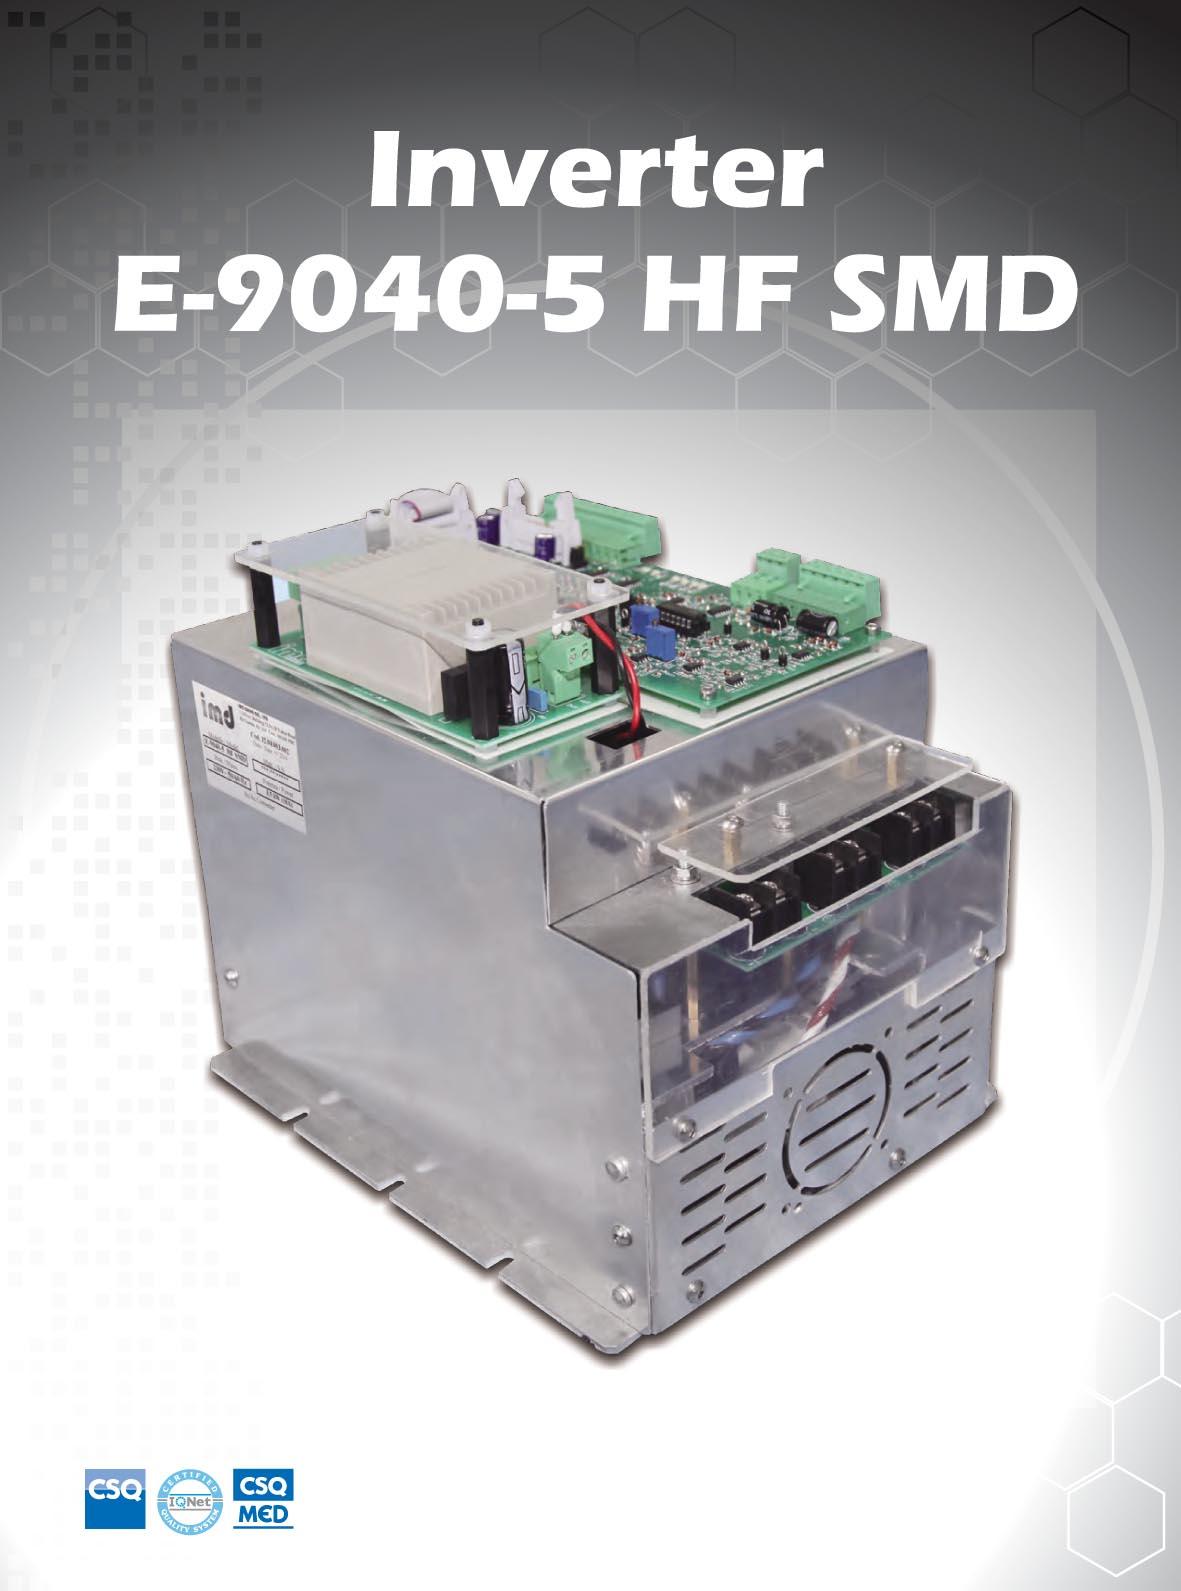 E-9040-5 HF SMD